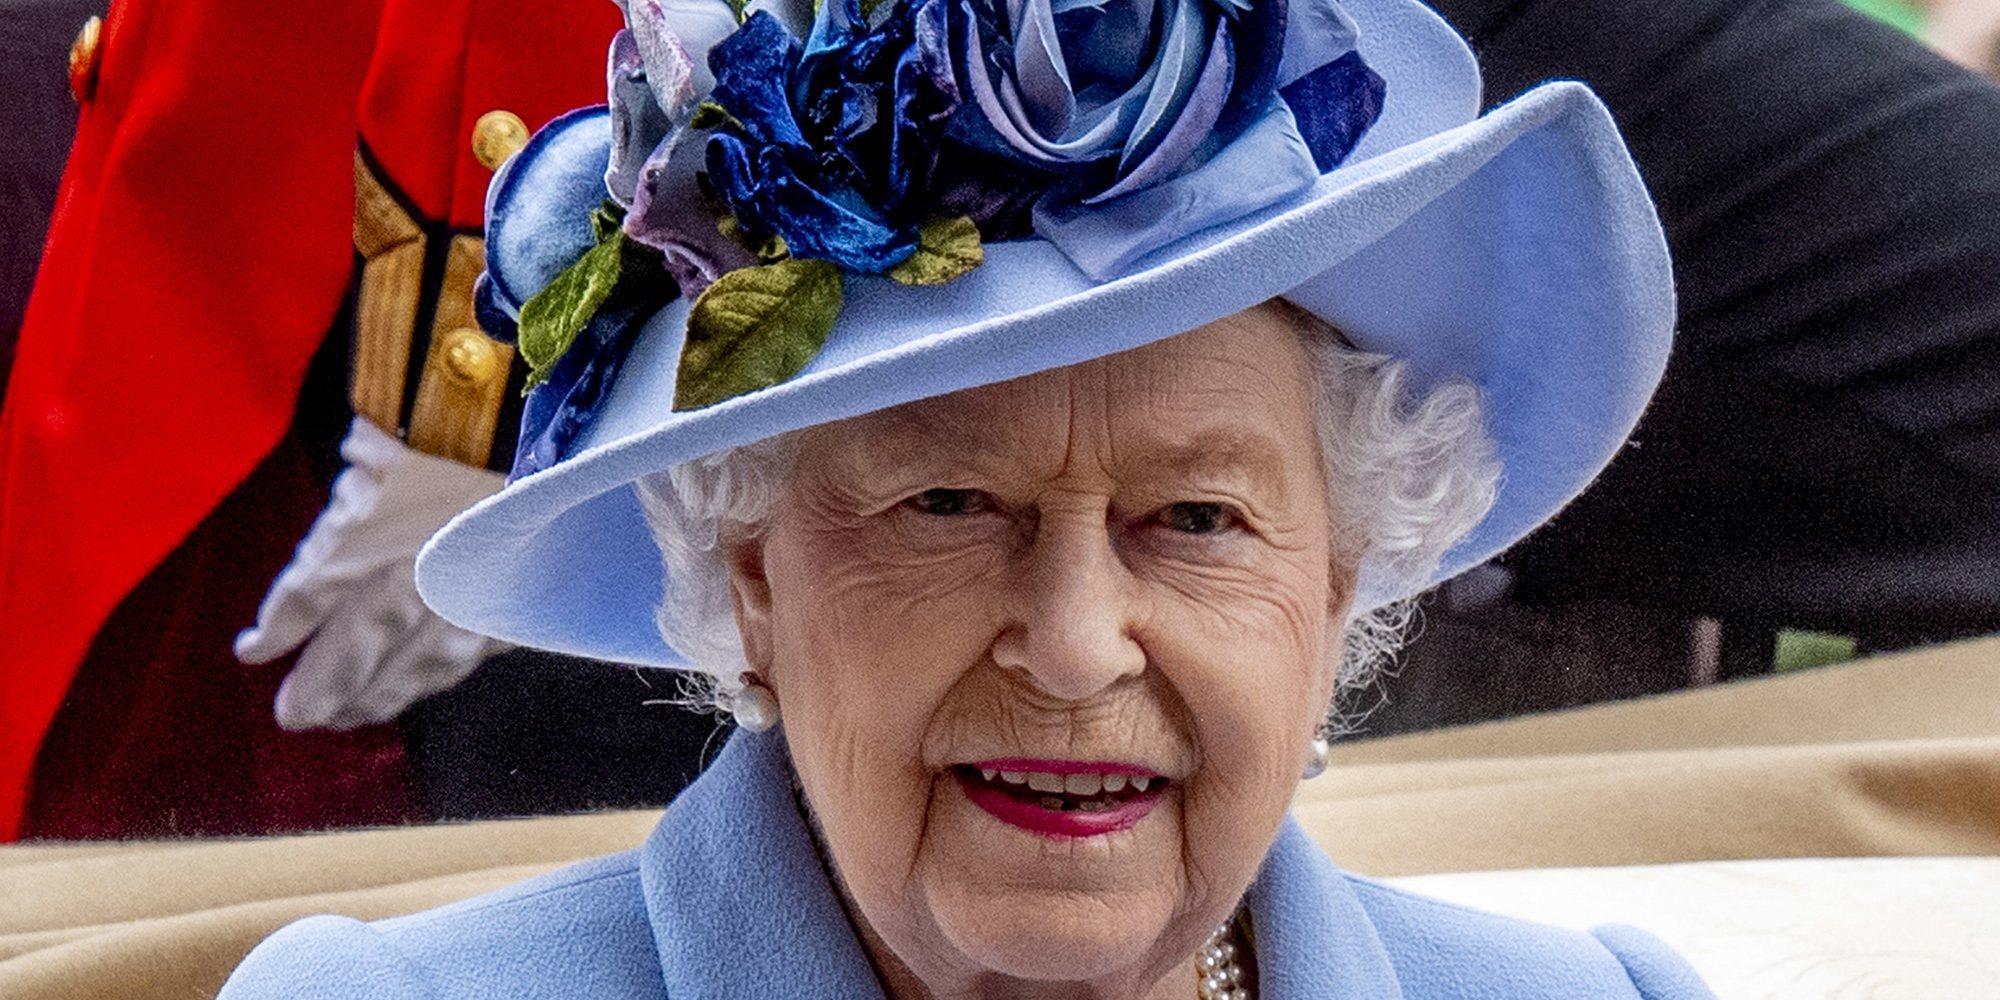 Los caprichos poco saludables de la Reina Isabel en sus vacaciones en Balmoral